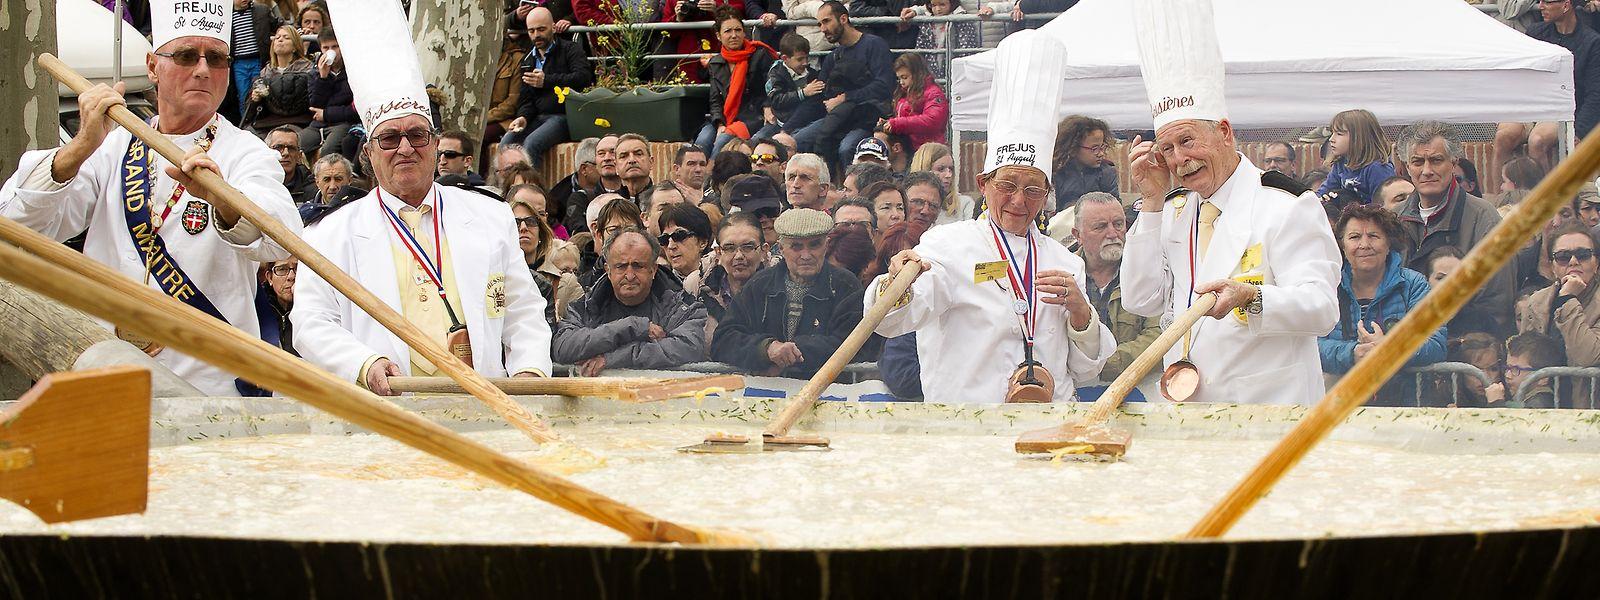 Le monument culinaire contient environ 10.000 oeufs.